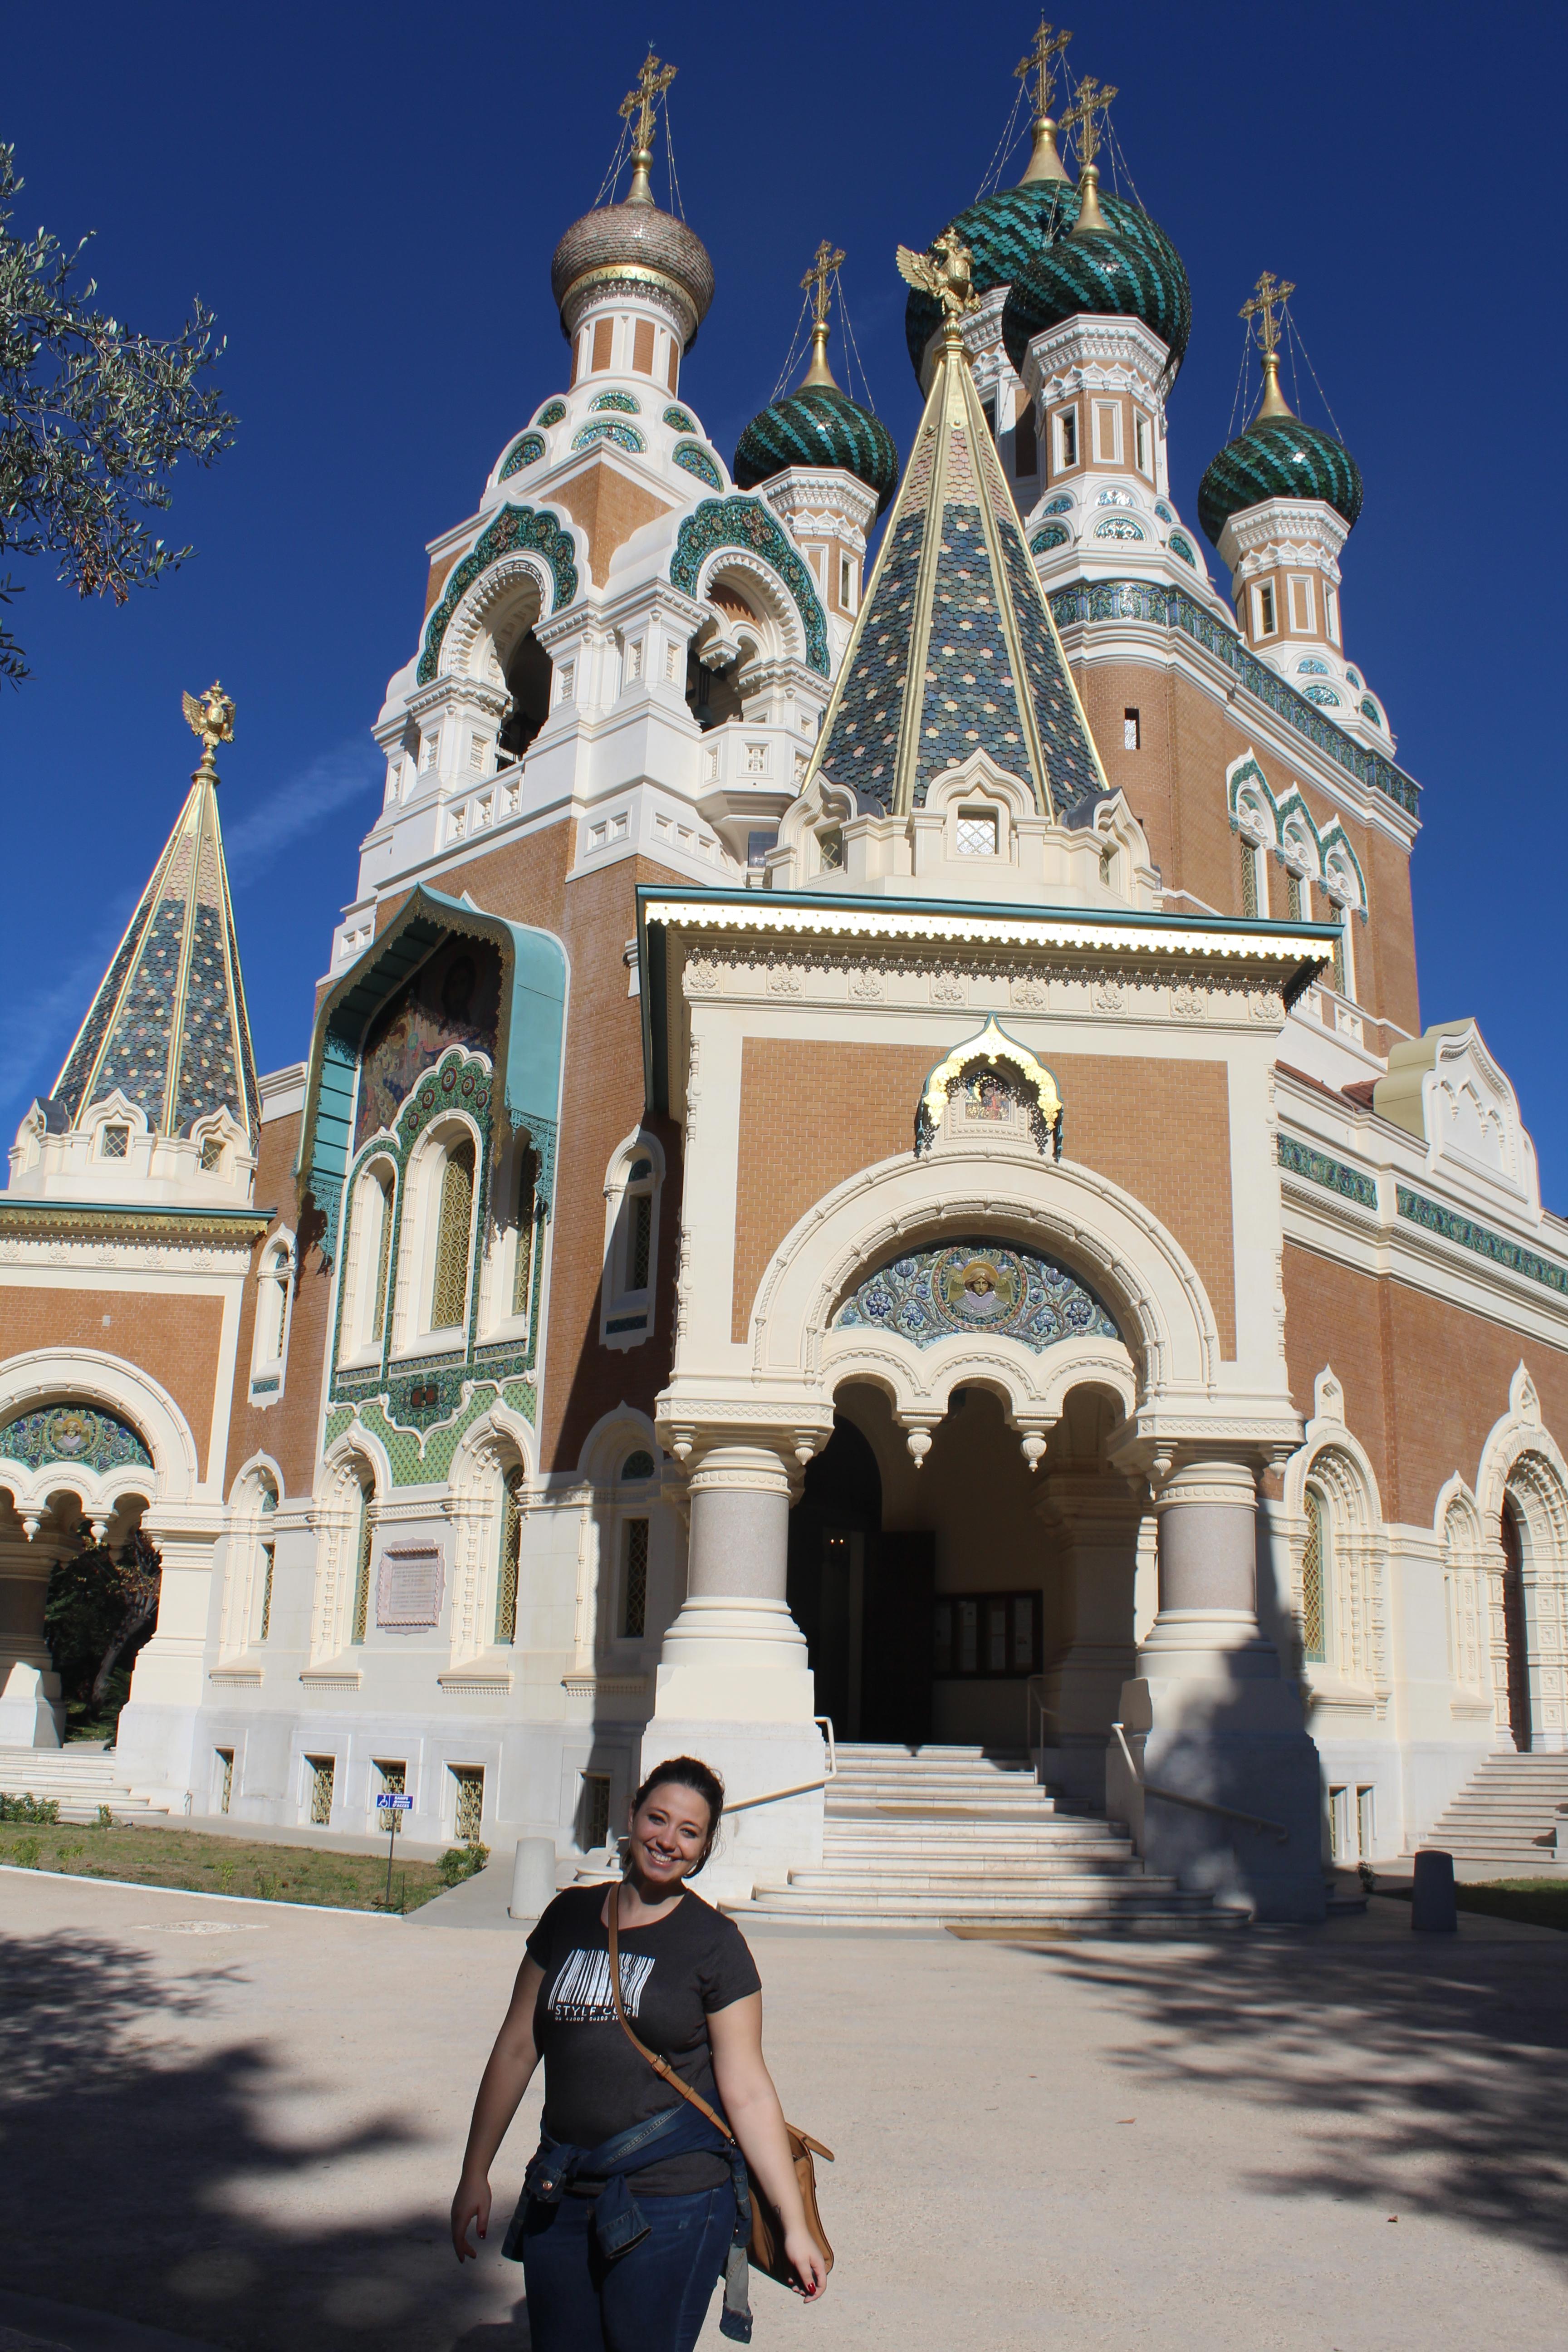 Catedral de San Nicolás Niza